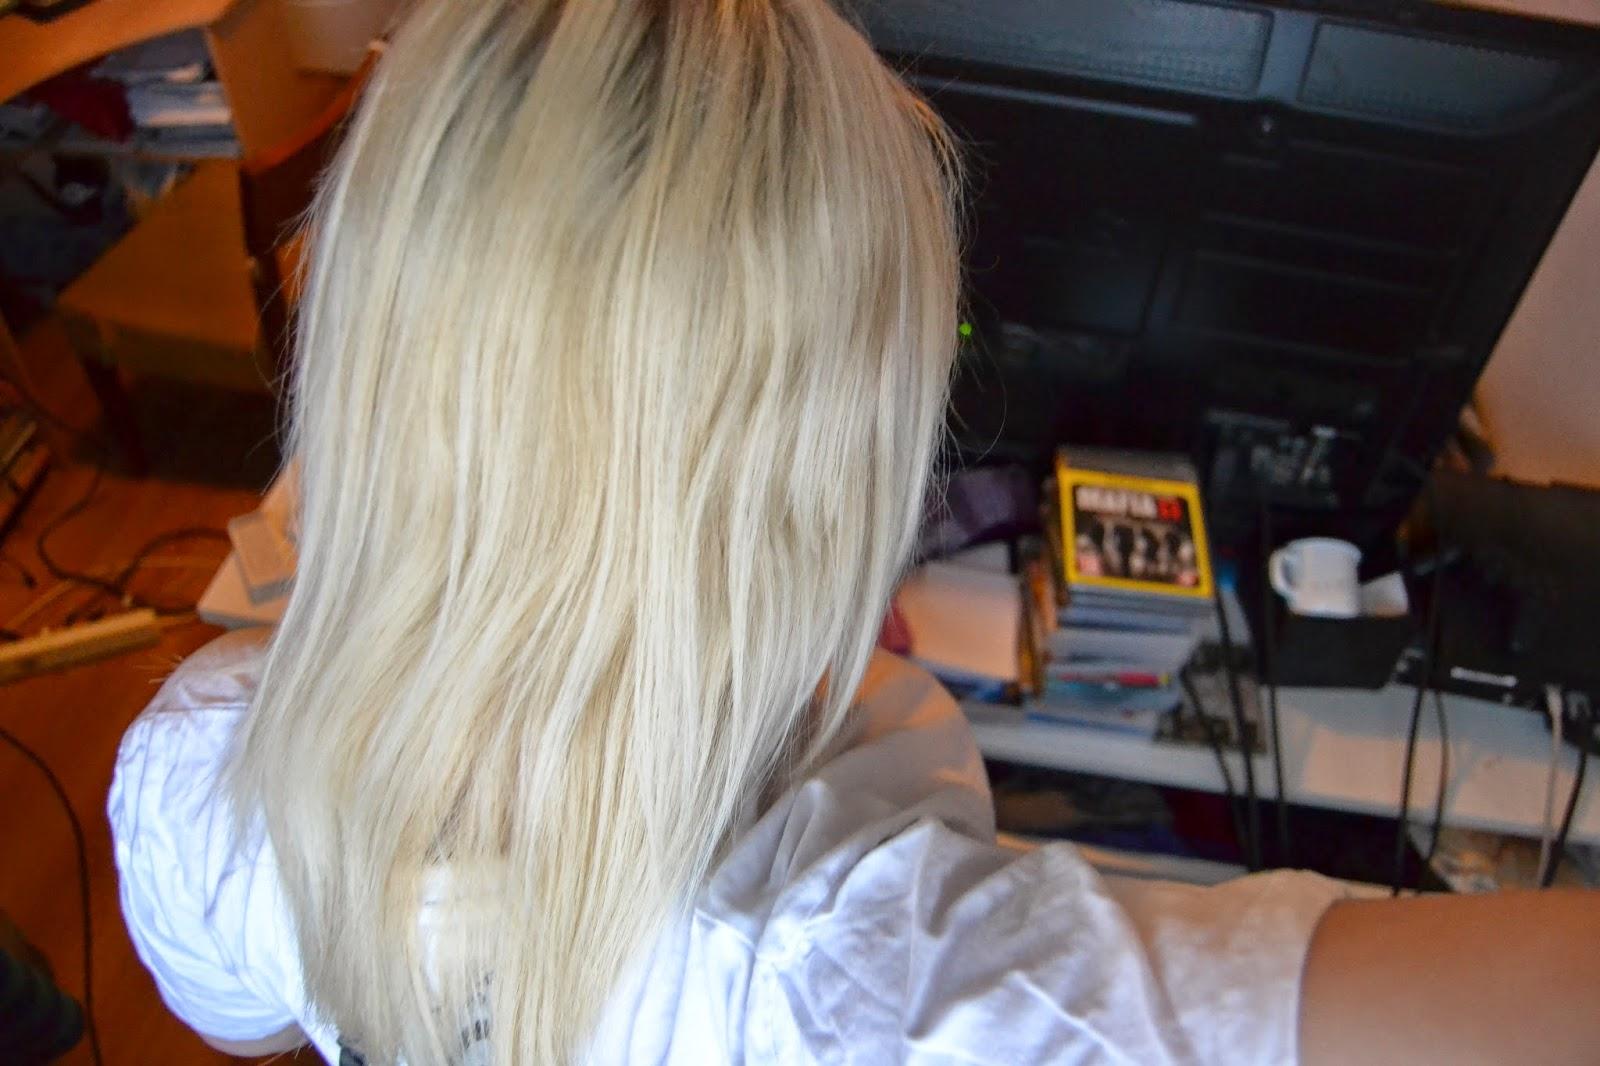 kellertävät hiukset pois